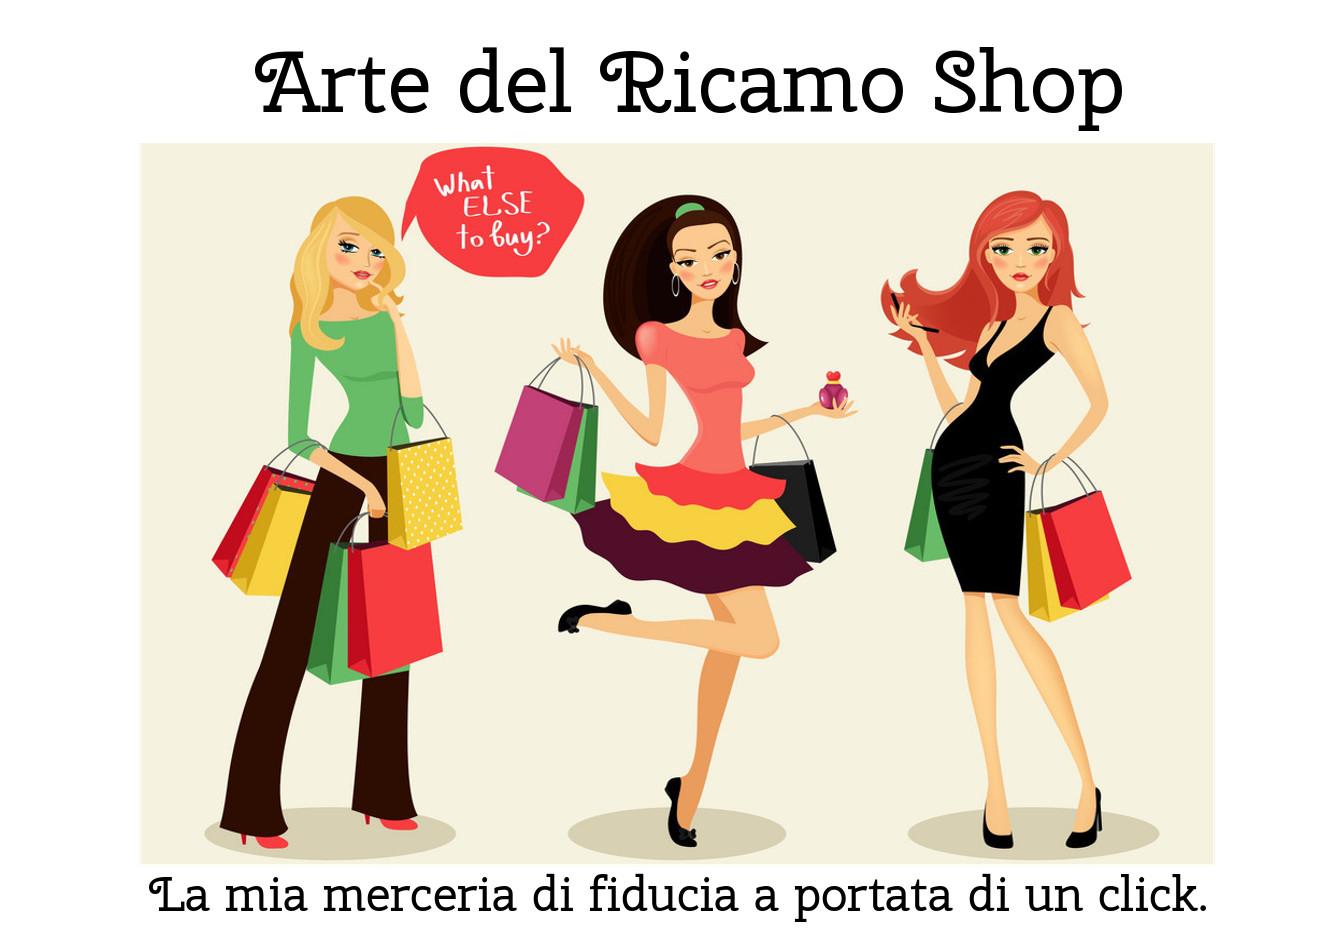 Shop Arte del Ricamo